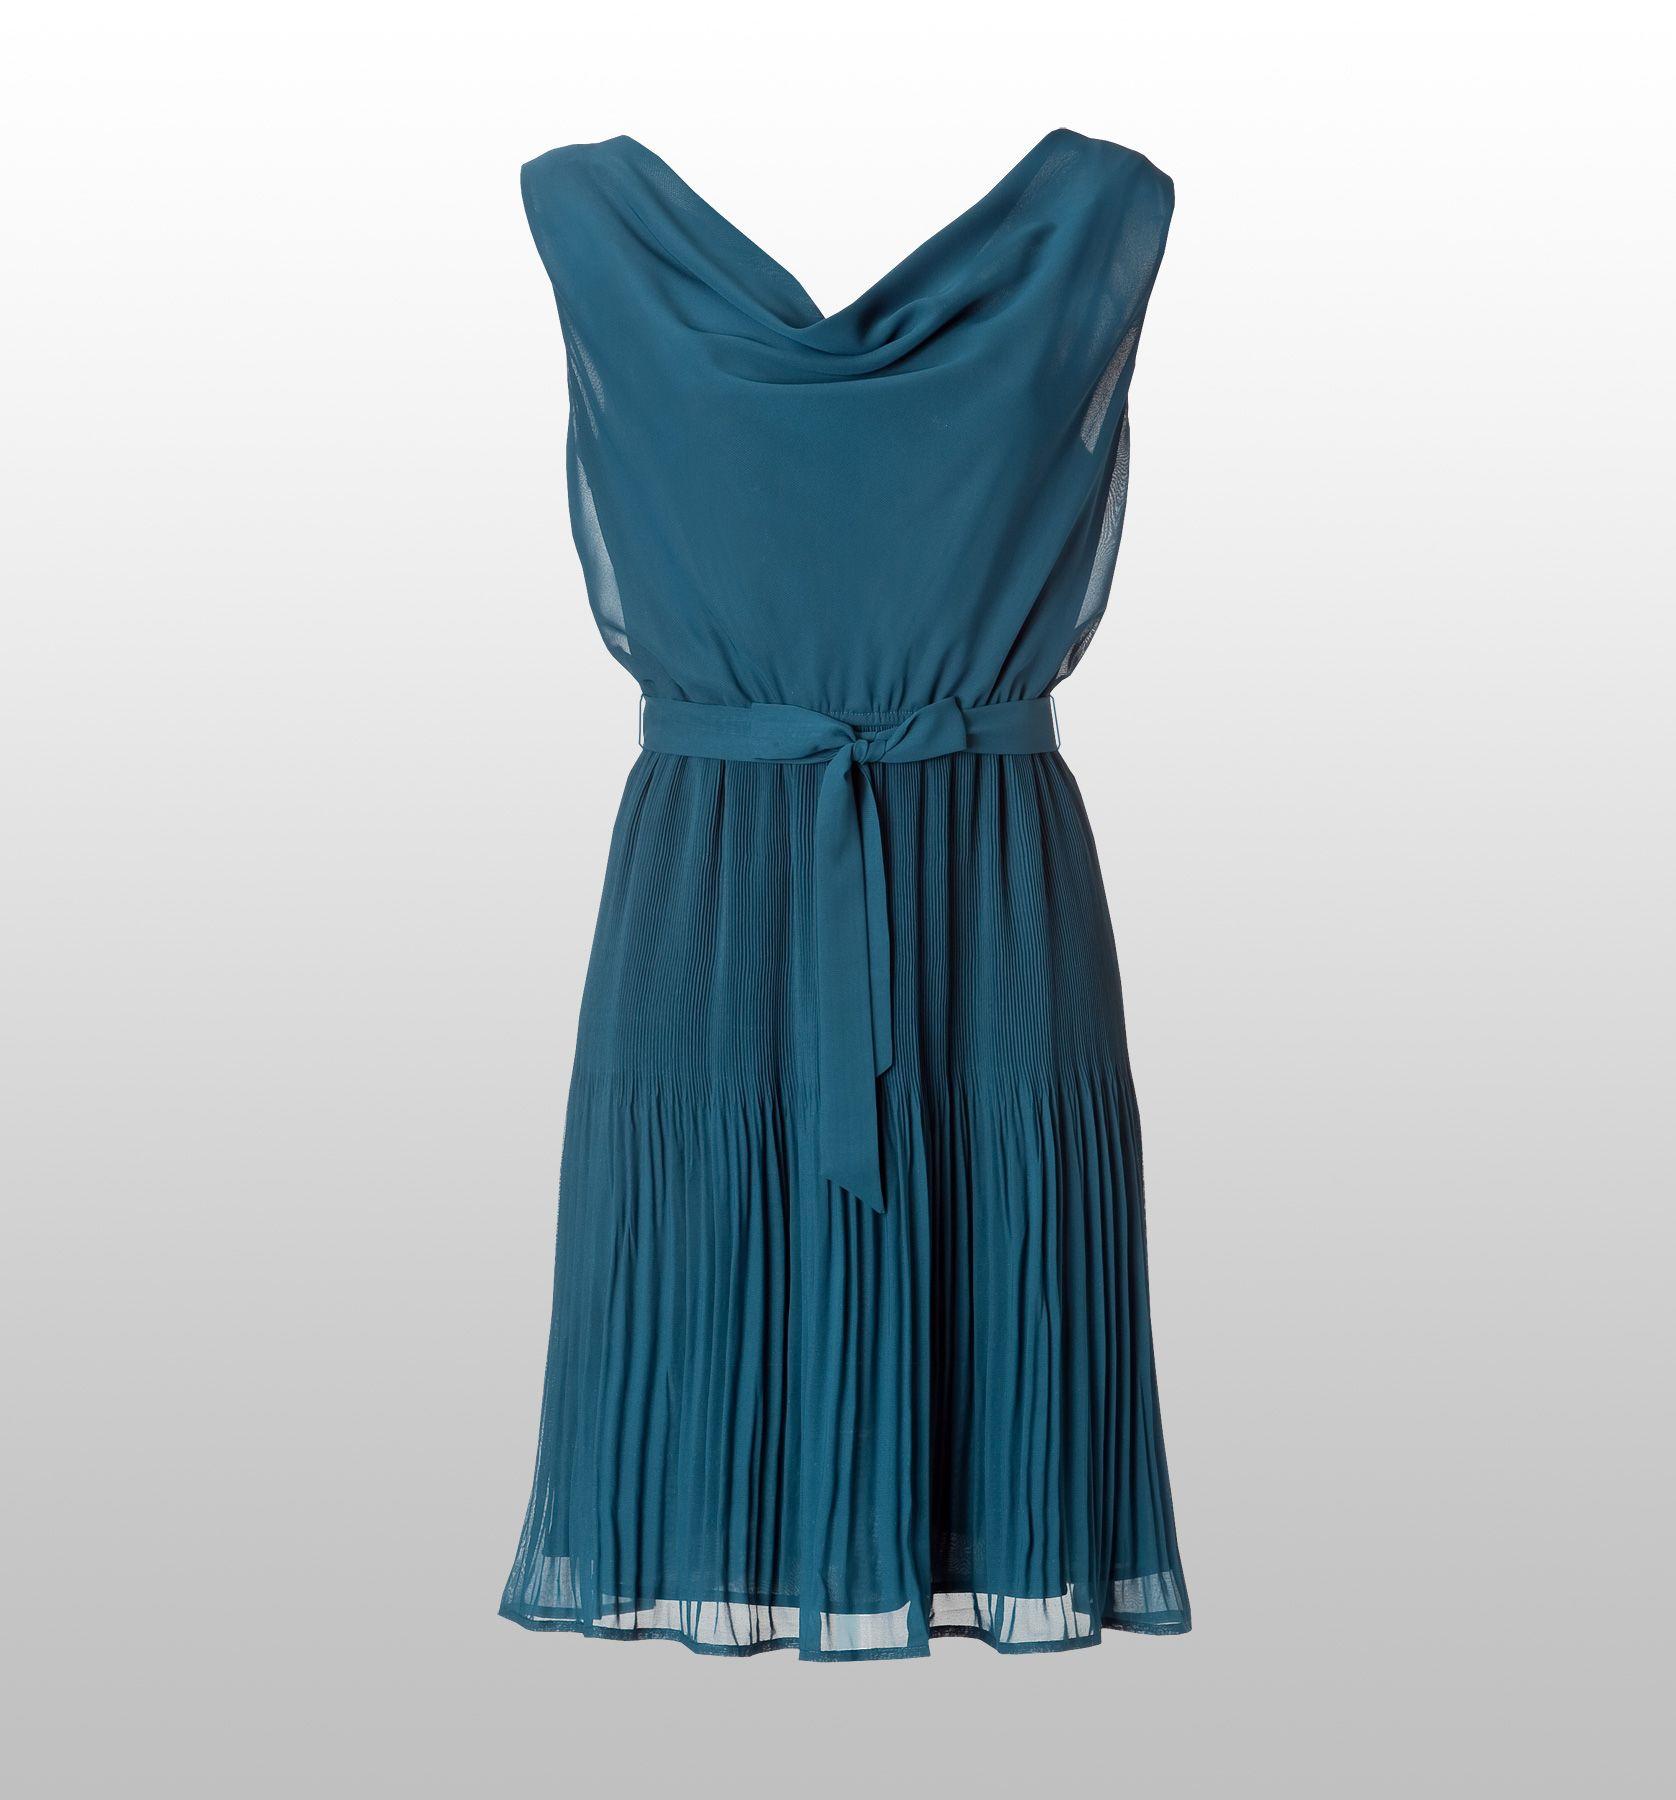 Kleider für Damen  zero Online-Shop  Kleider, Sommerkleid, Mode